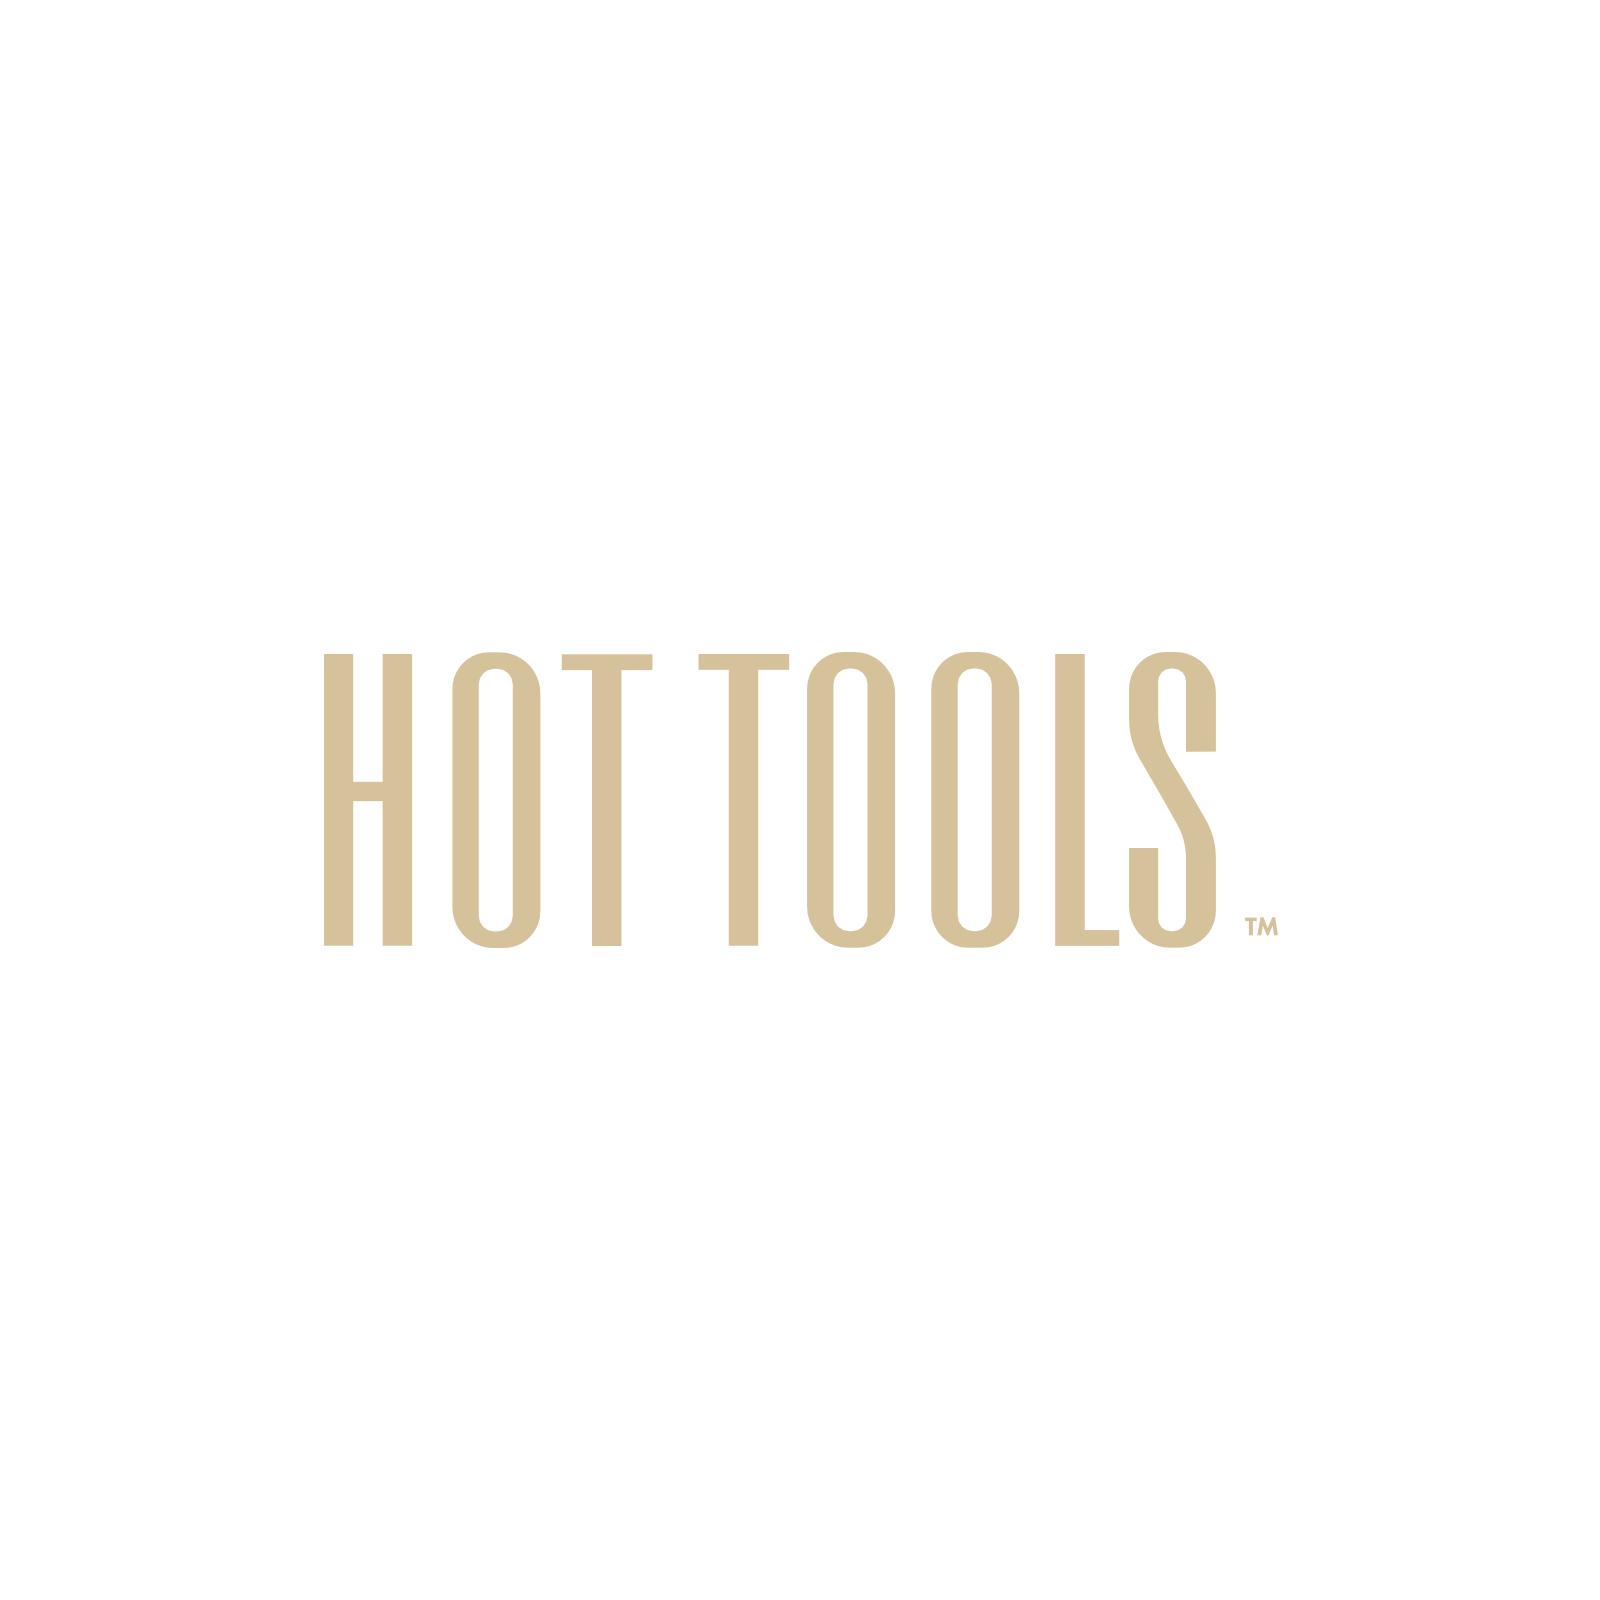 hot tools curlbar